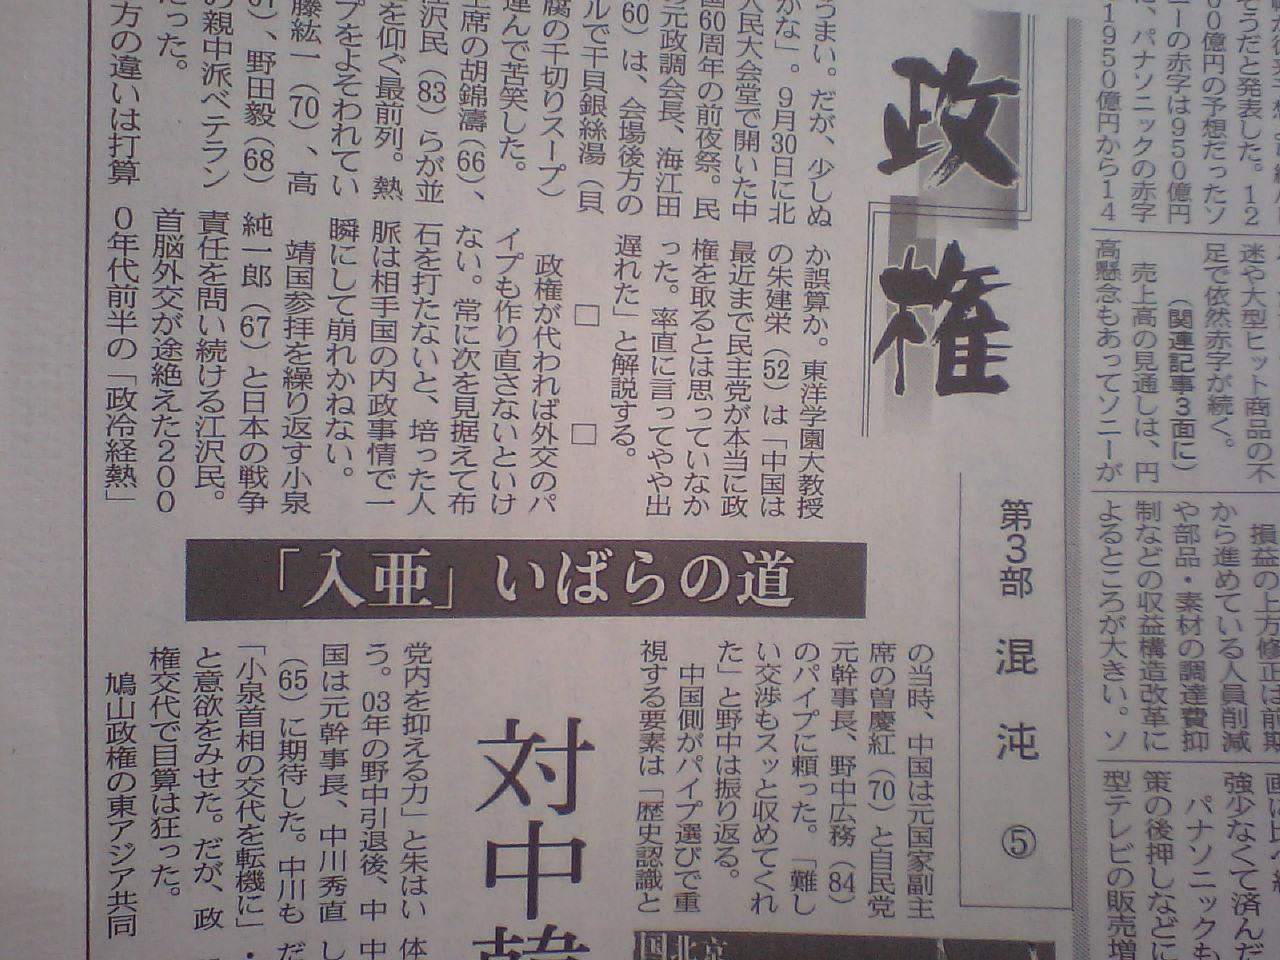 建国60年記念式典参加された日本の政治家_d0027795_1046275.jpg